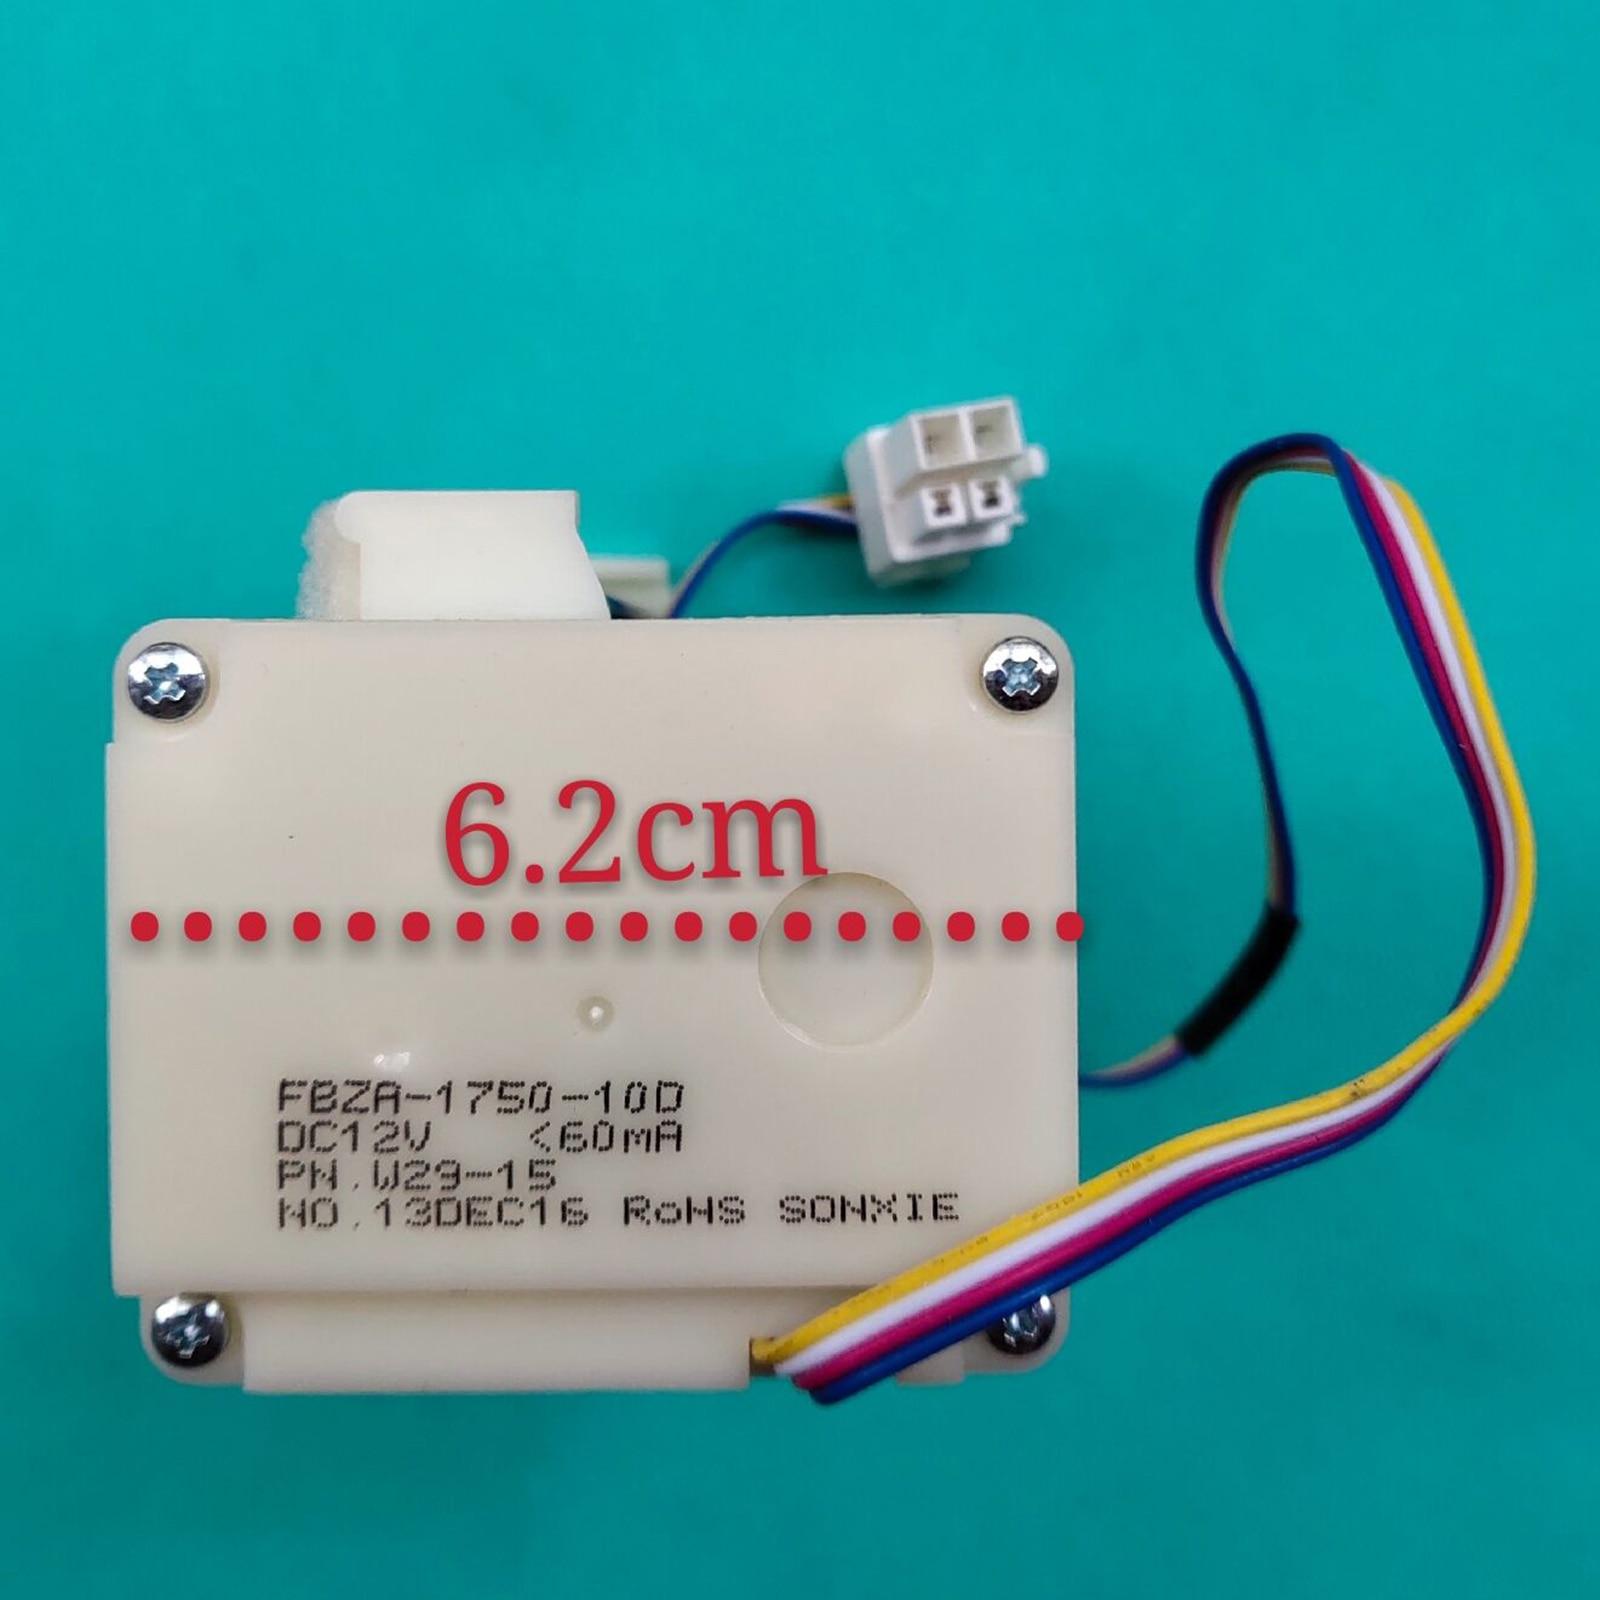 1PC Demper Motor FBZA-1750-10D Vervanging voor Samsung DA31-00043F BCD-286WNQISS1 290WNRISA1 WNSIWW Koelkast Reparatie Onderdelen